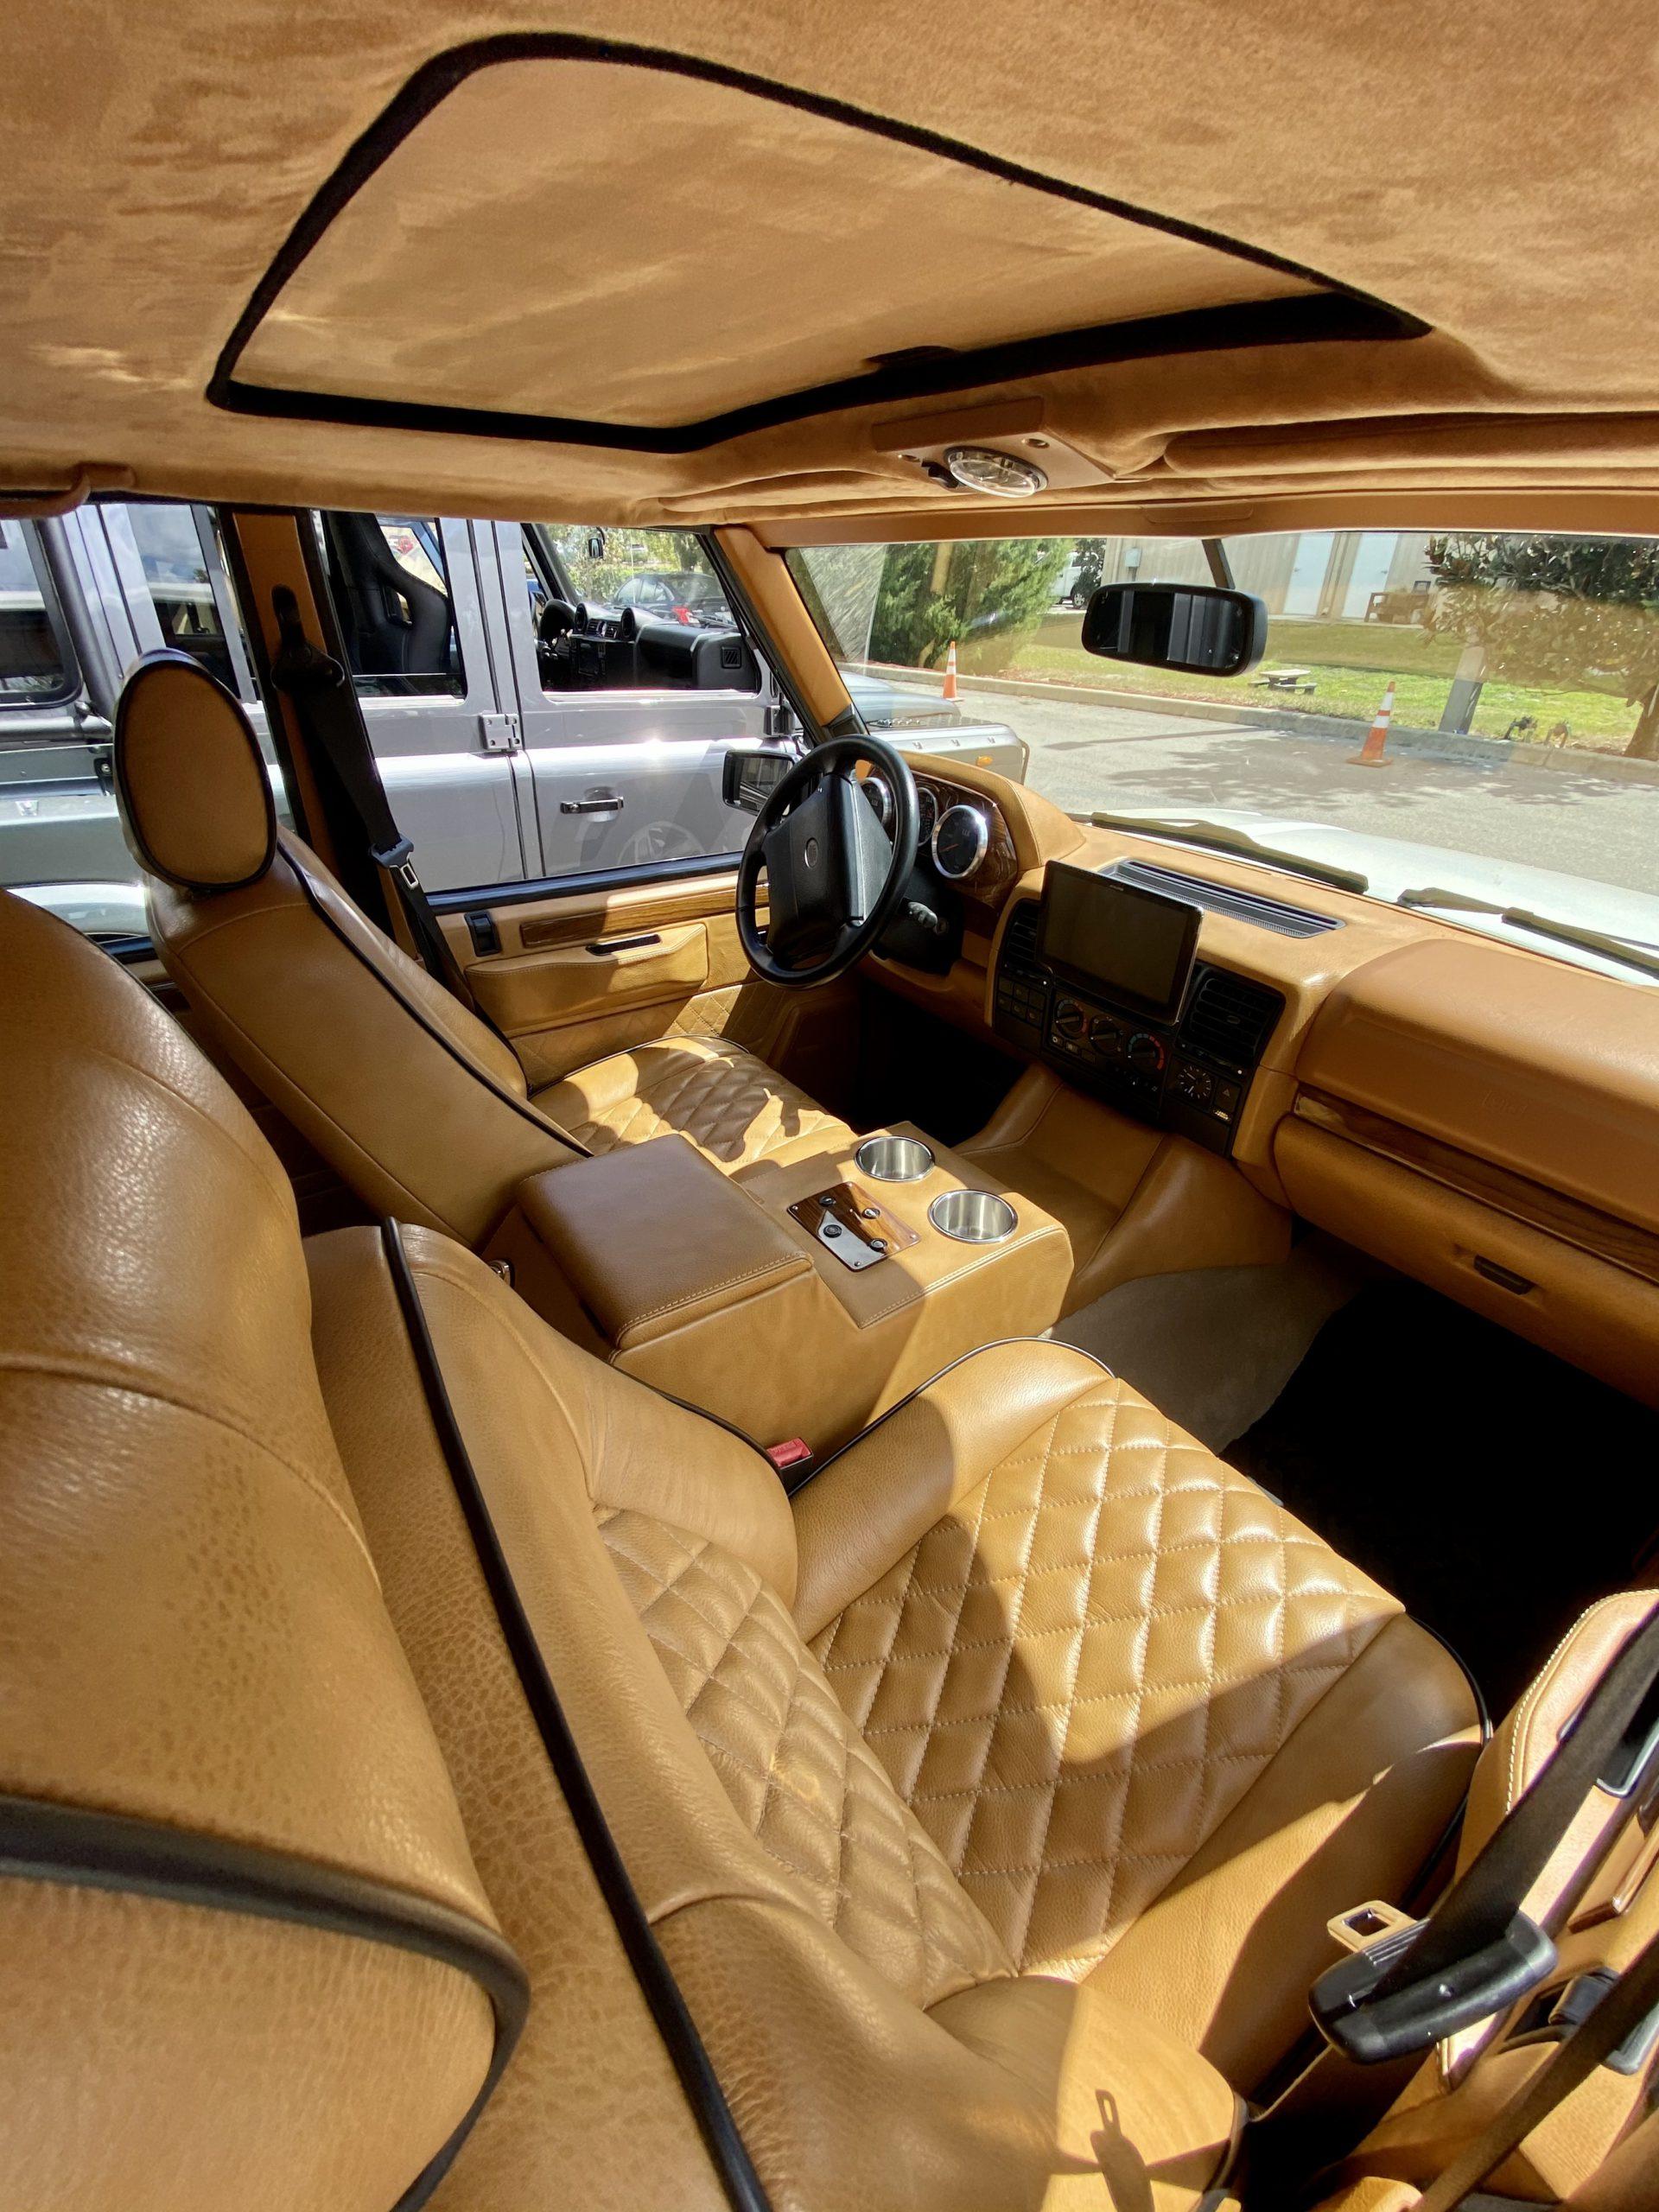 ECD tesla-powered RRC interior